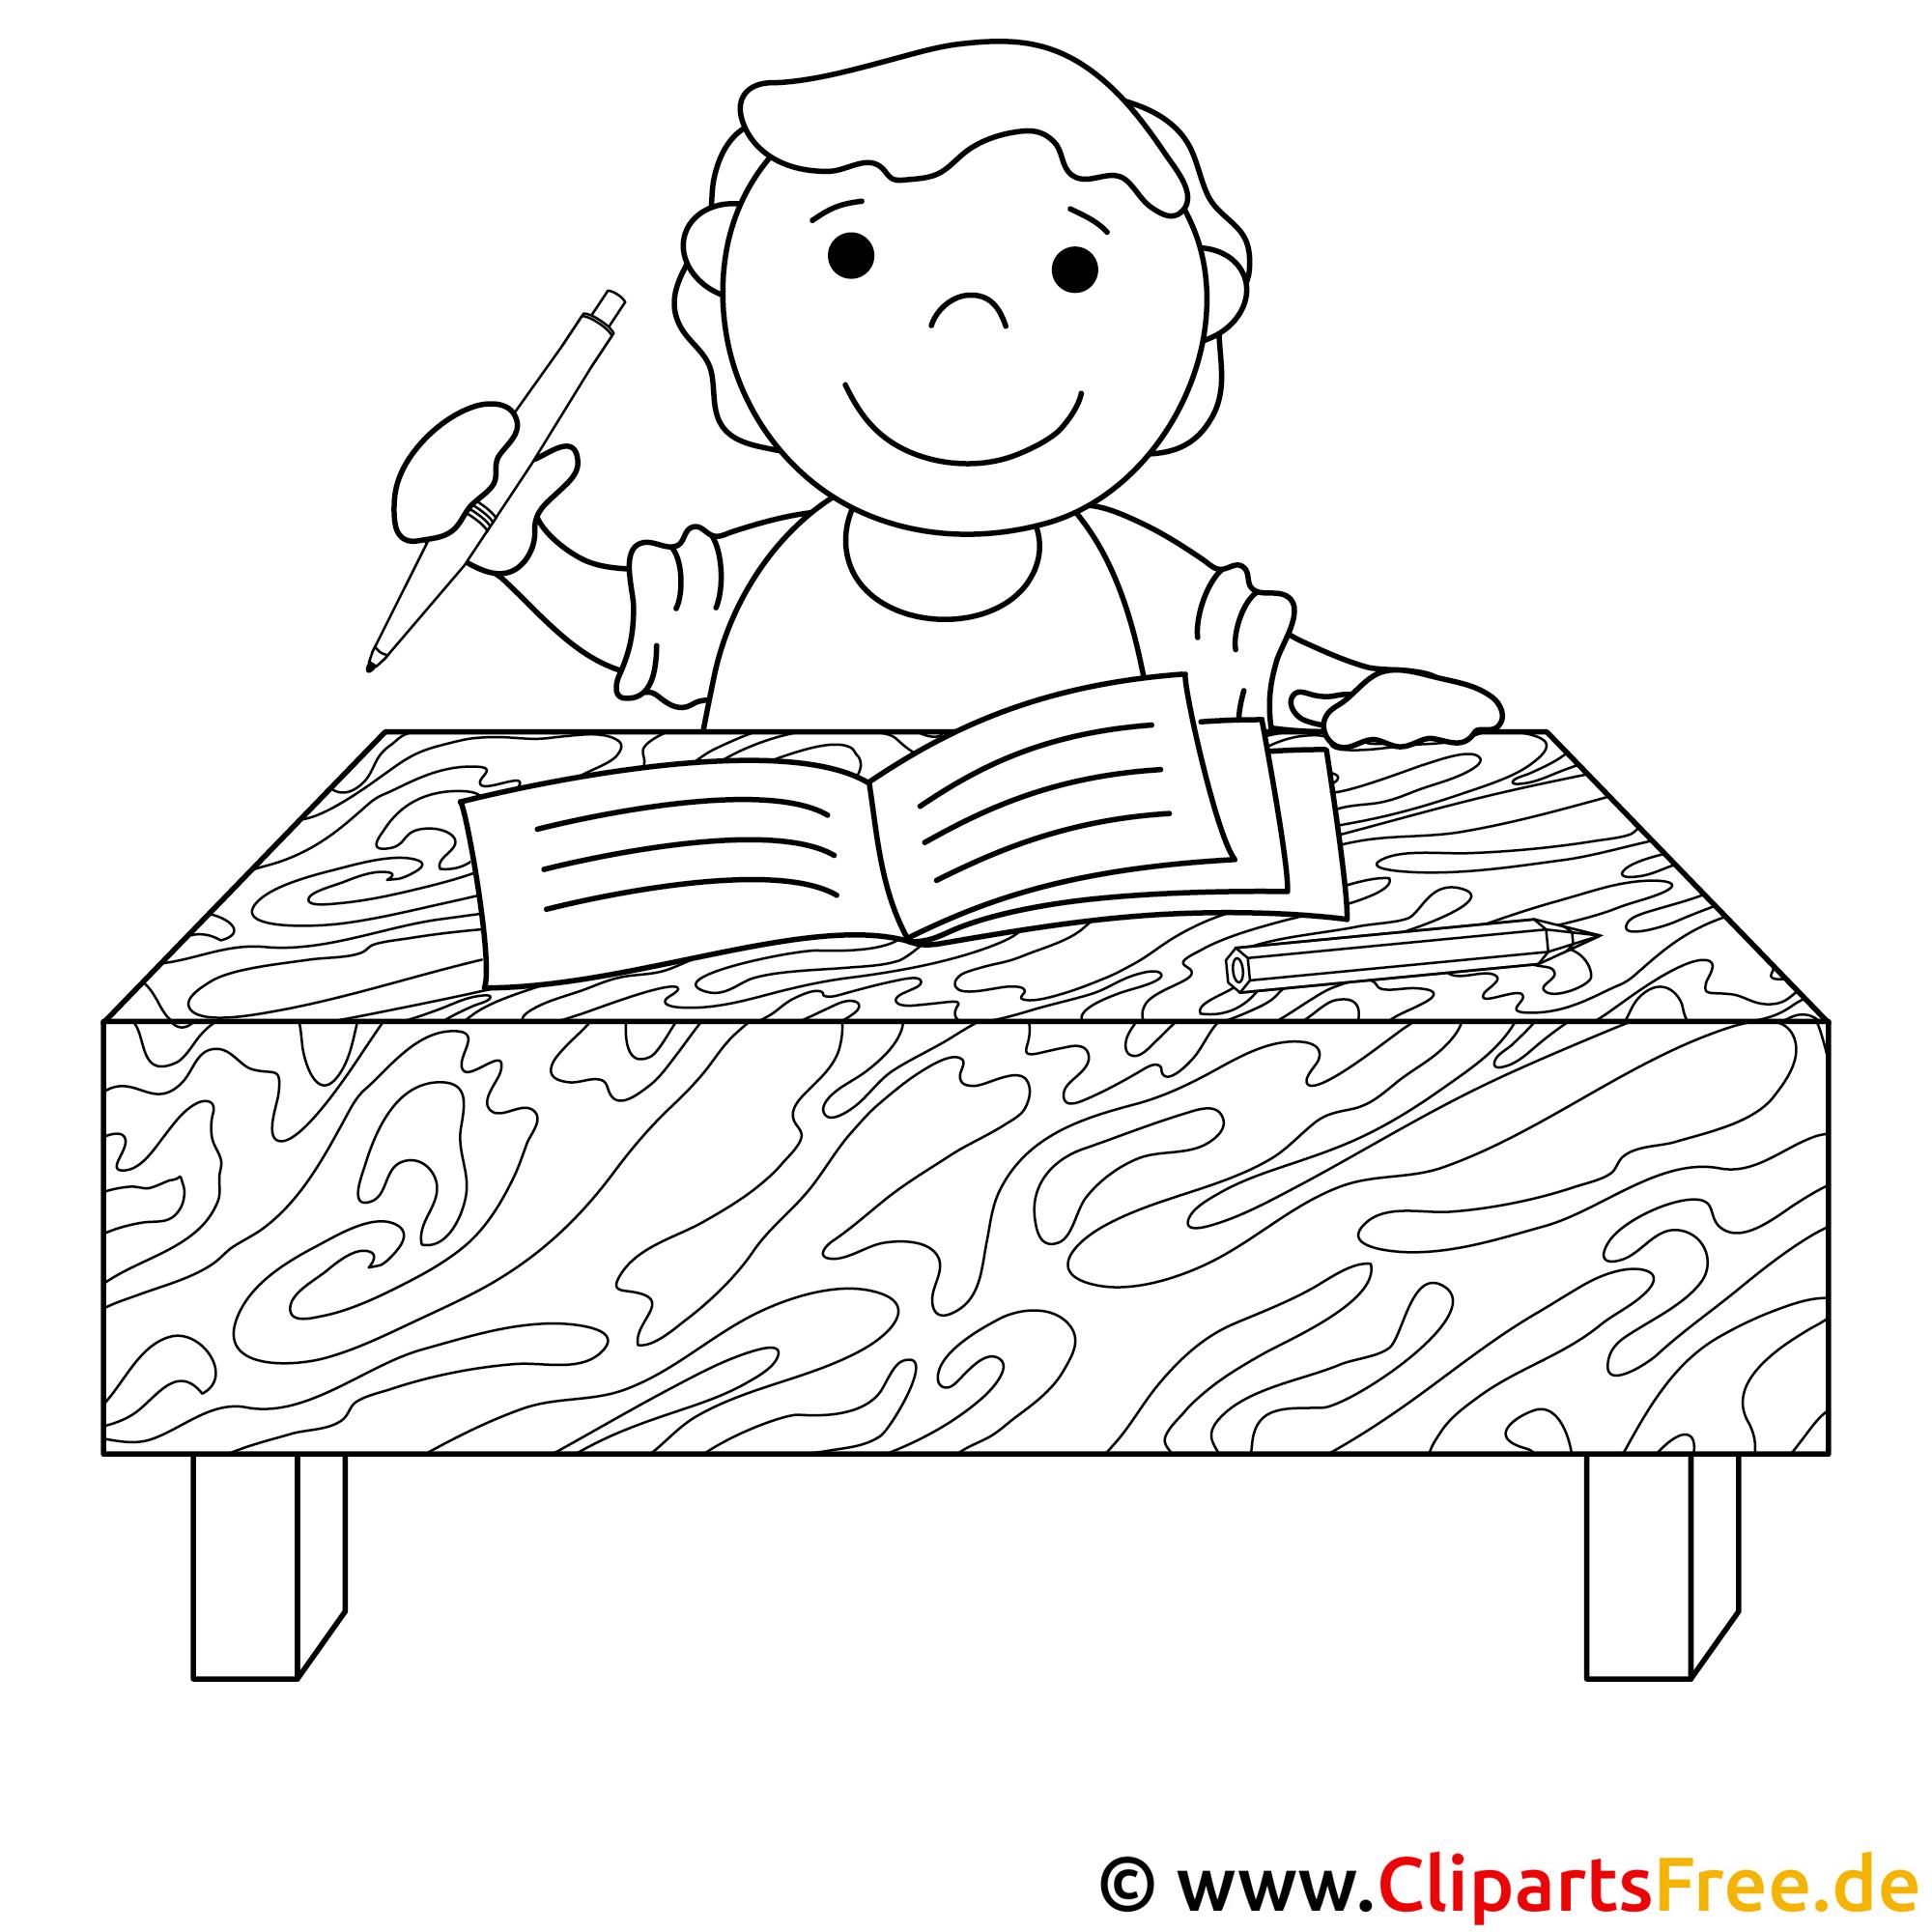 Schreiben Bild zum Ausmalen